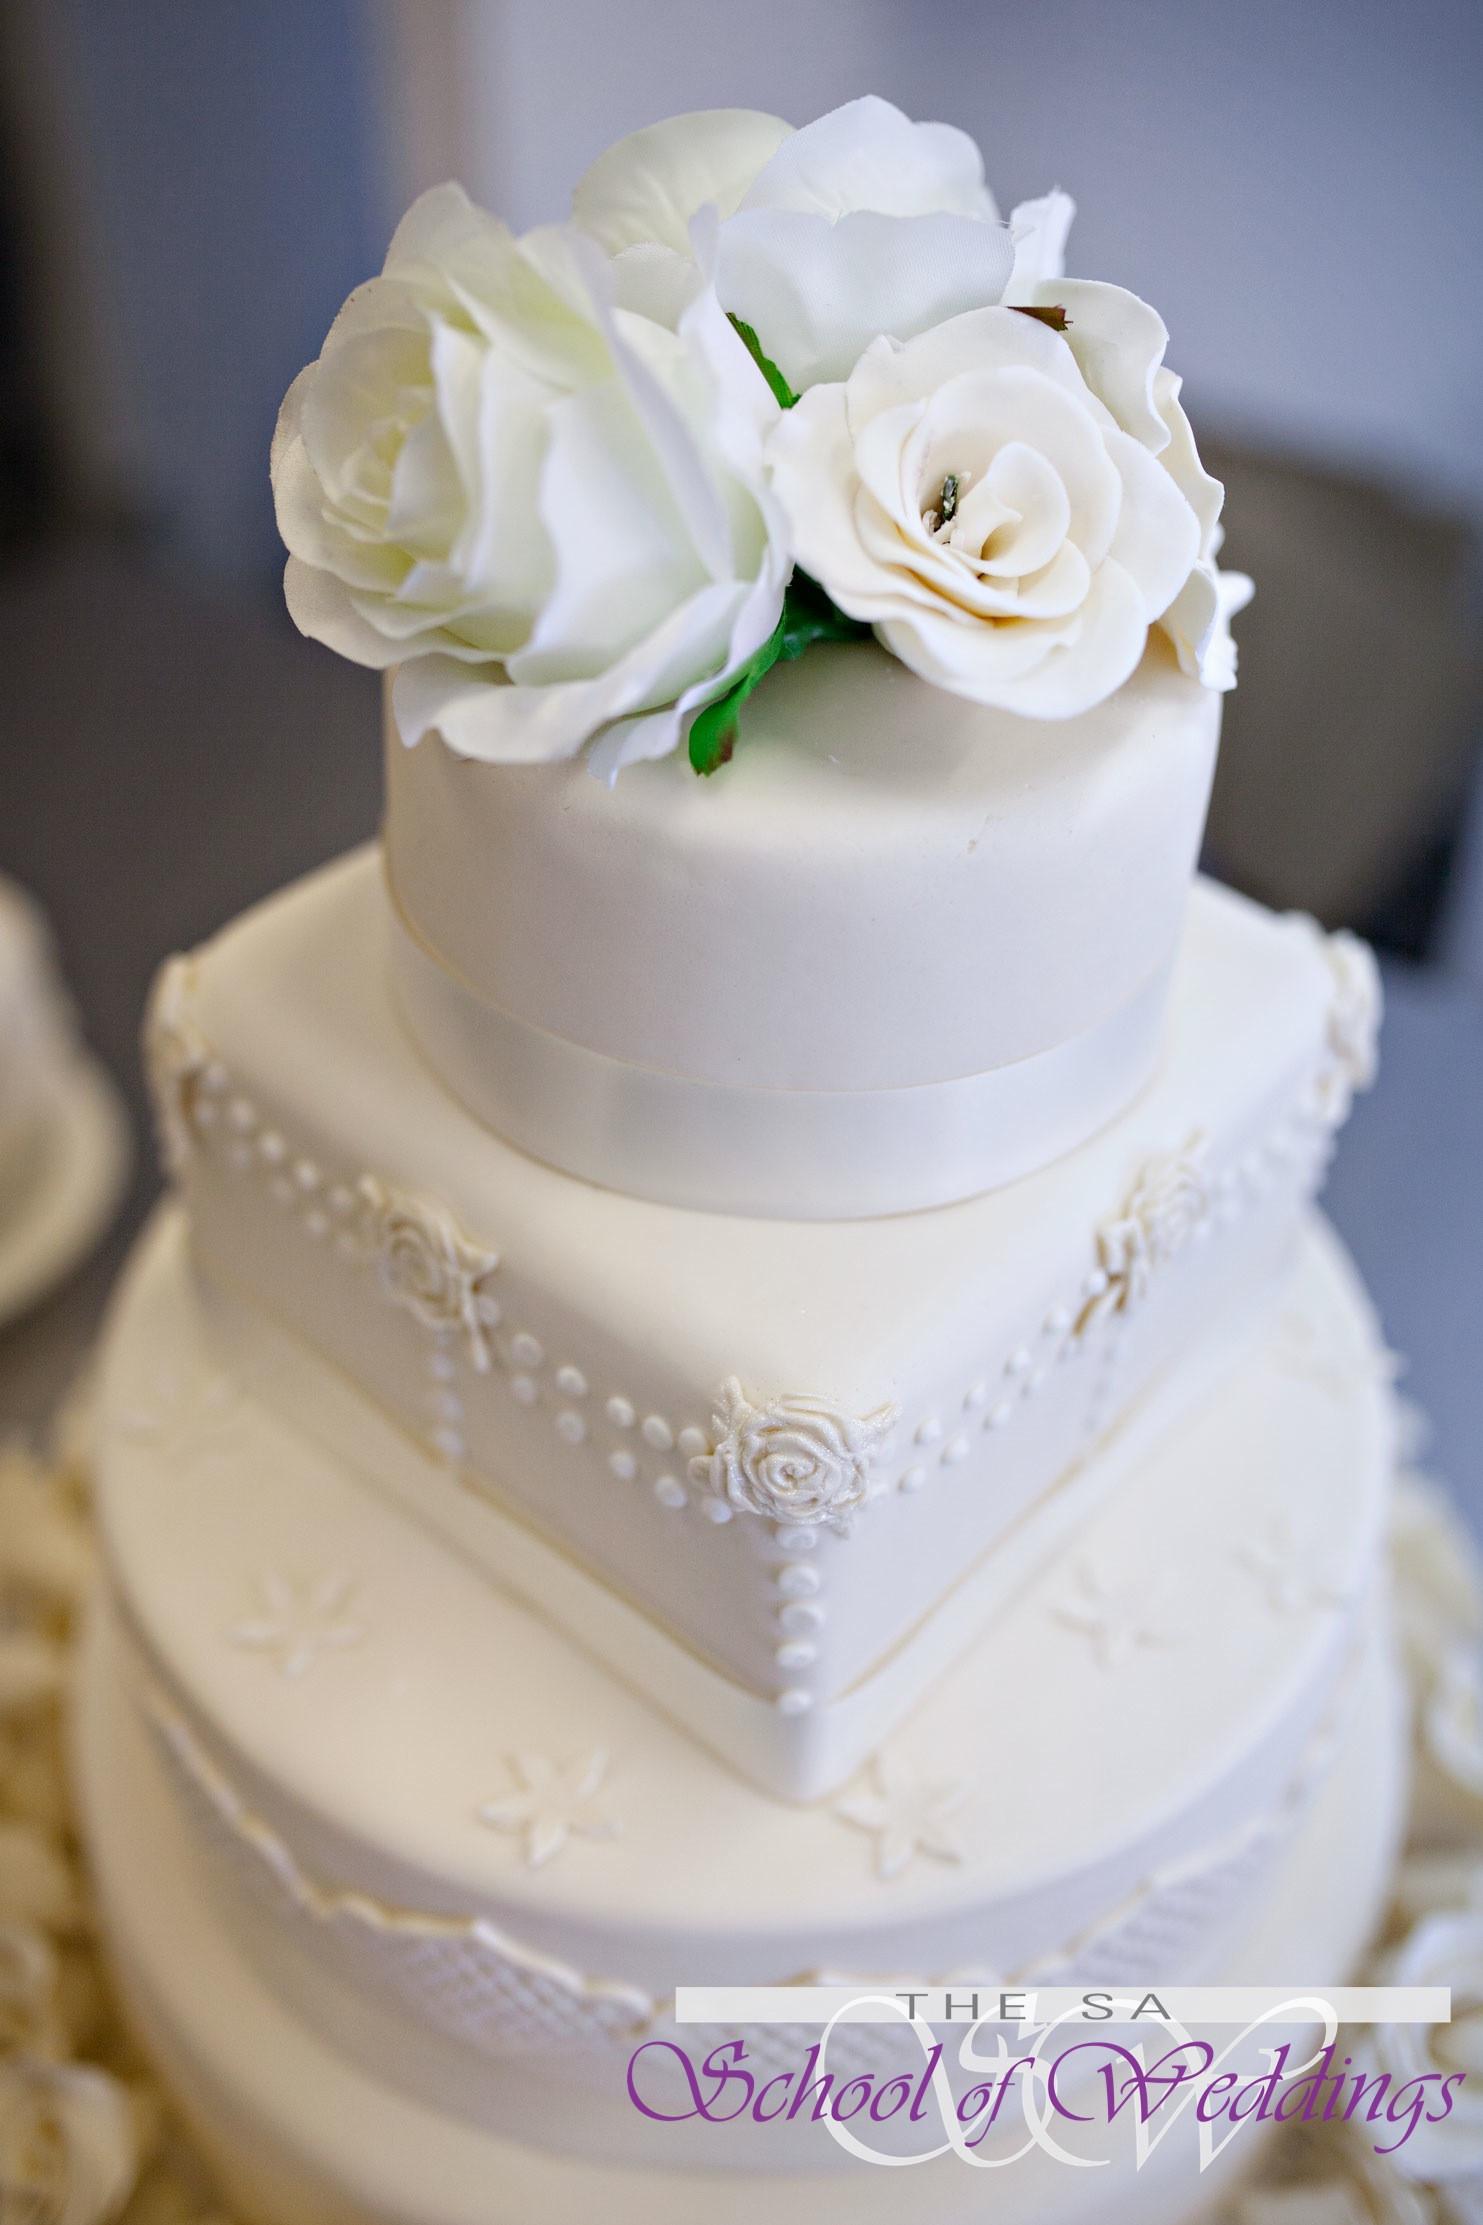 Wedding Cakes Pics  Gallery of Wedding Cakes